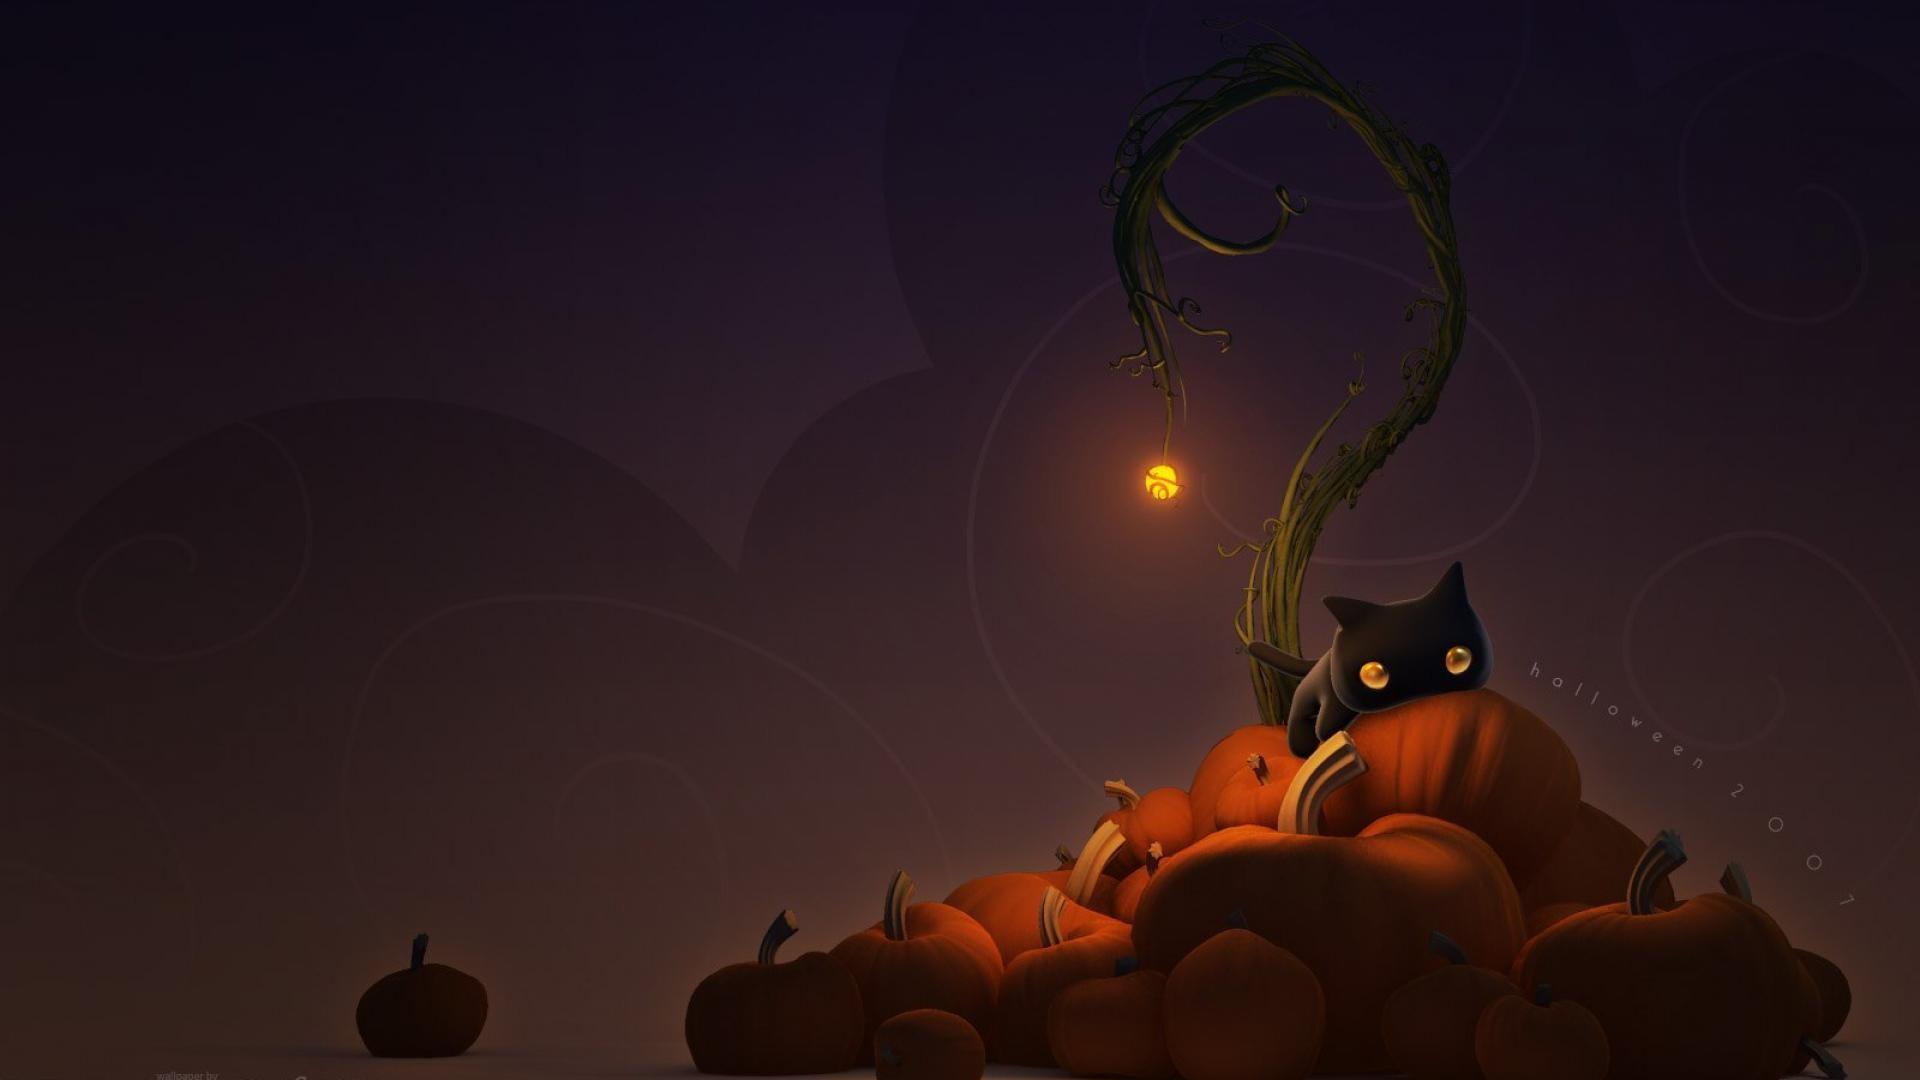 Black Cat Halloween Wallpaper 51 images 1920x1080